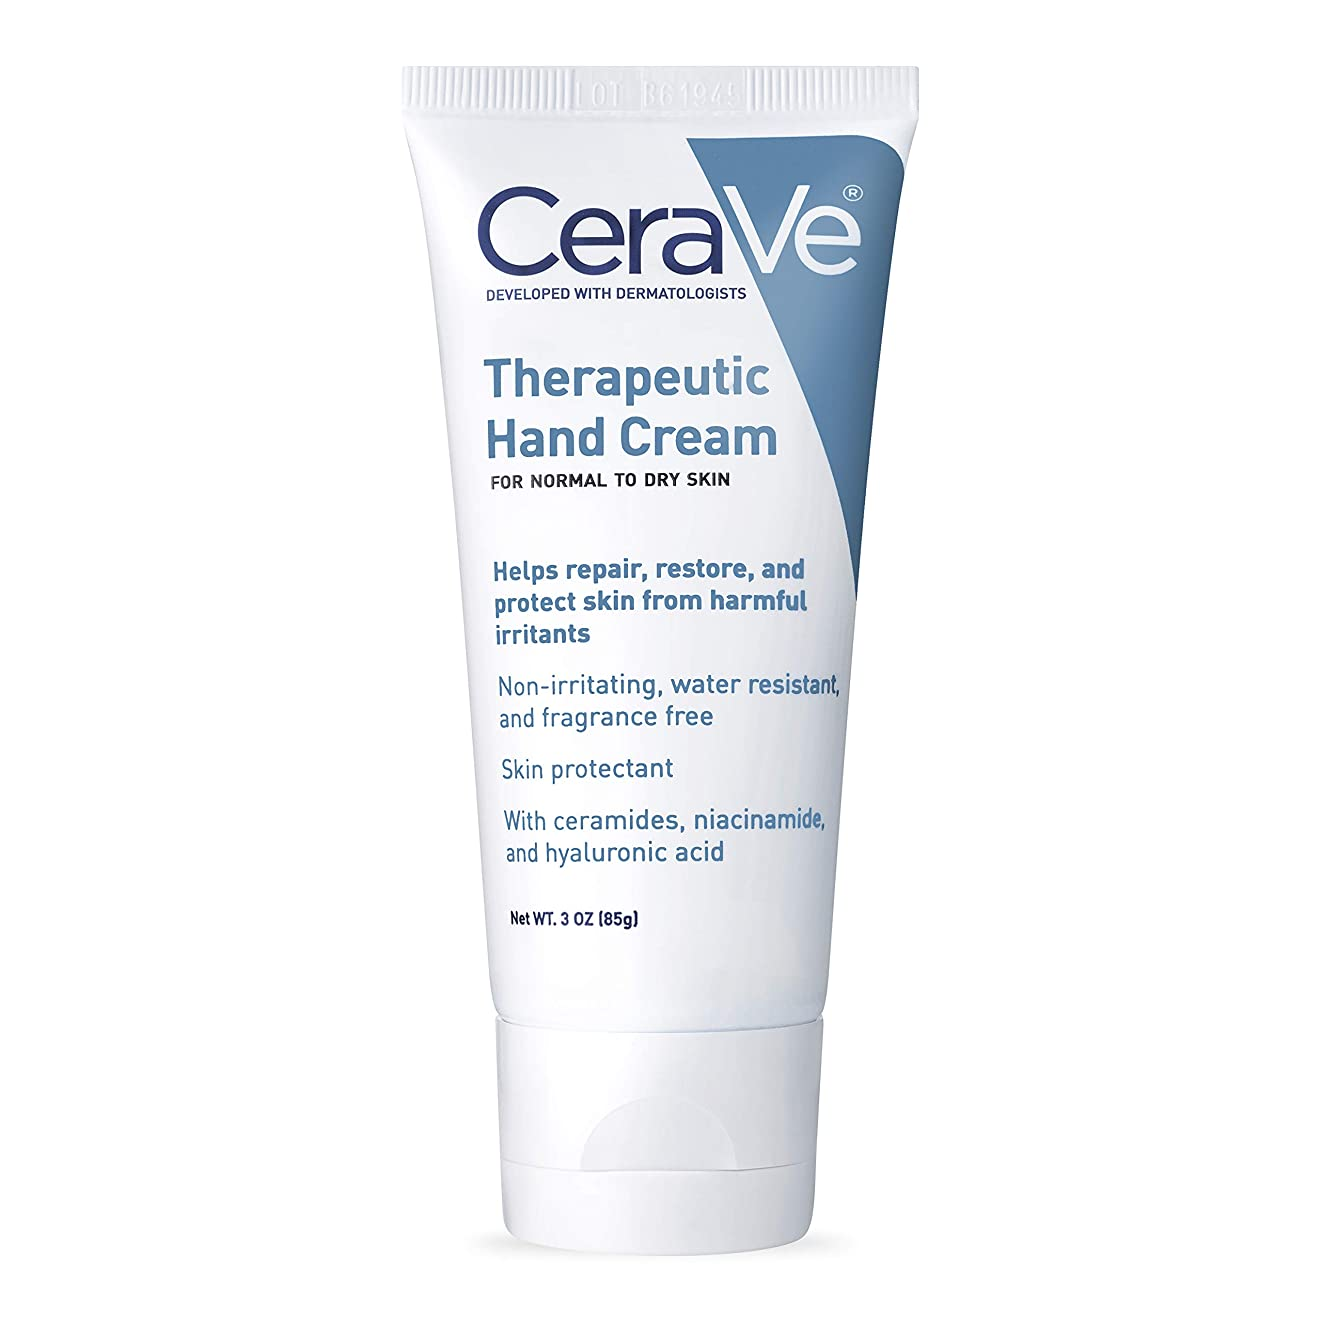 続編結婚式文明海外直送品Cerave CeraVe Therapeutic Hand Cream For Normal to Dry Skin, 3 oz